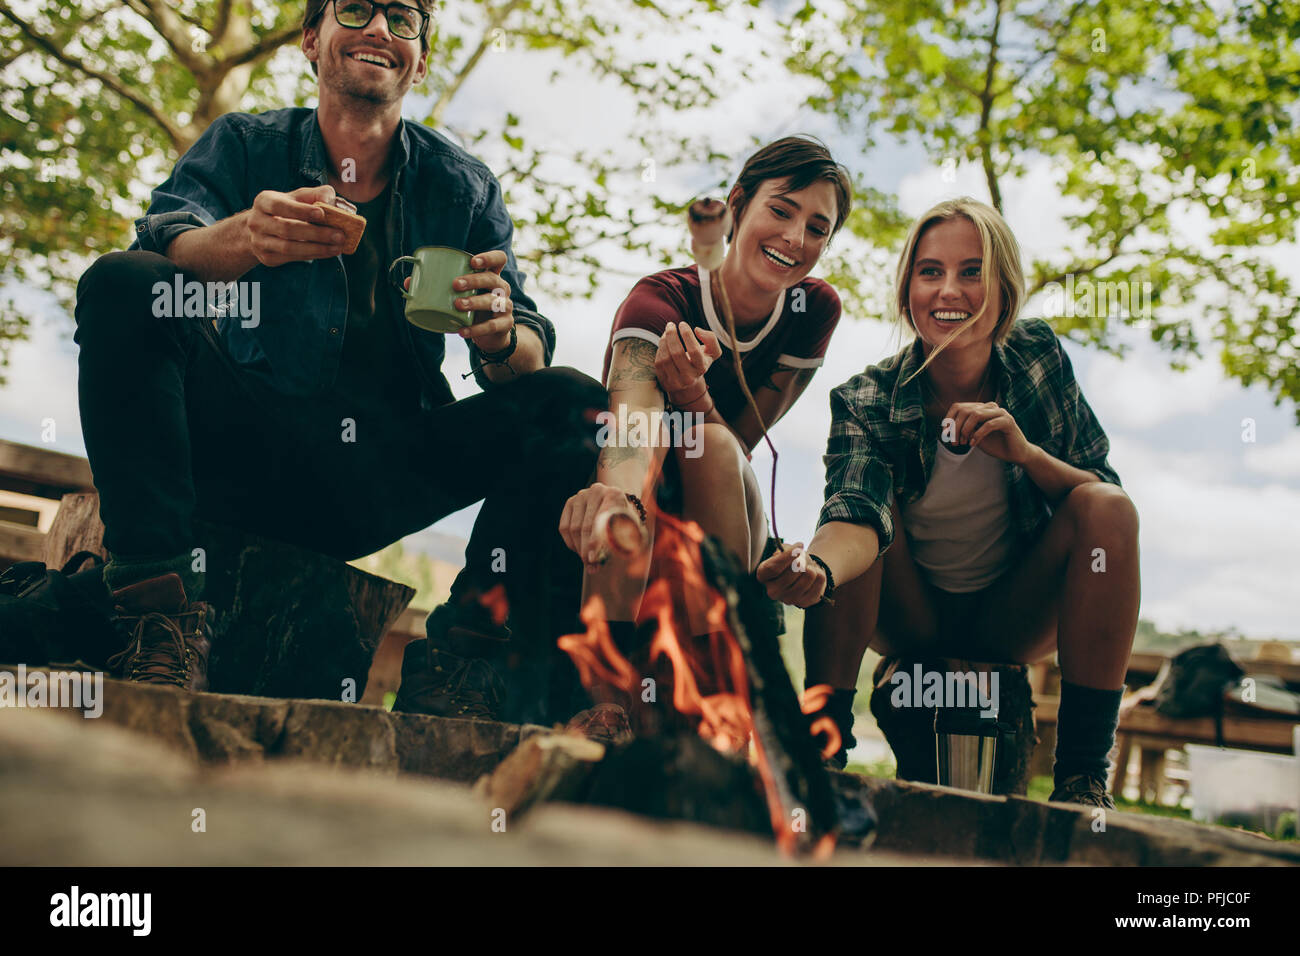 Dos mujeres tostar malvaviscos en la fogata con unos palos mientras un hombre sostiene una taza de café. Amigos sonrientes tostado en alimentos fogata en el campo. Imagen De Stock